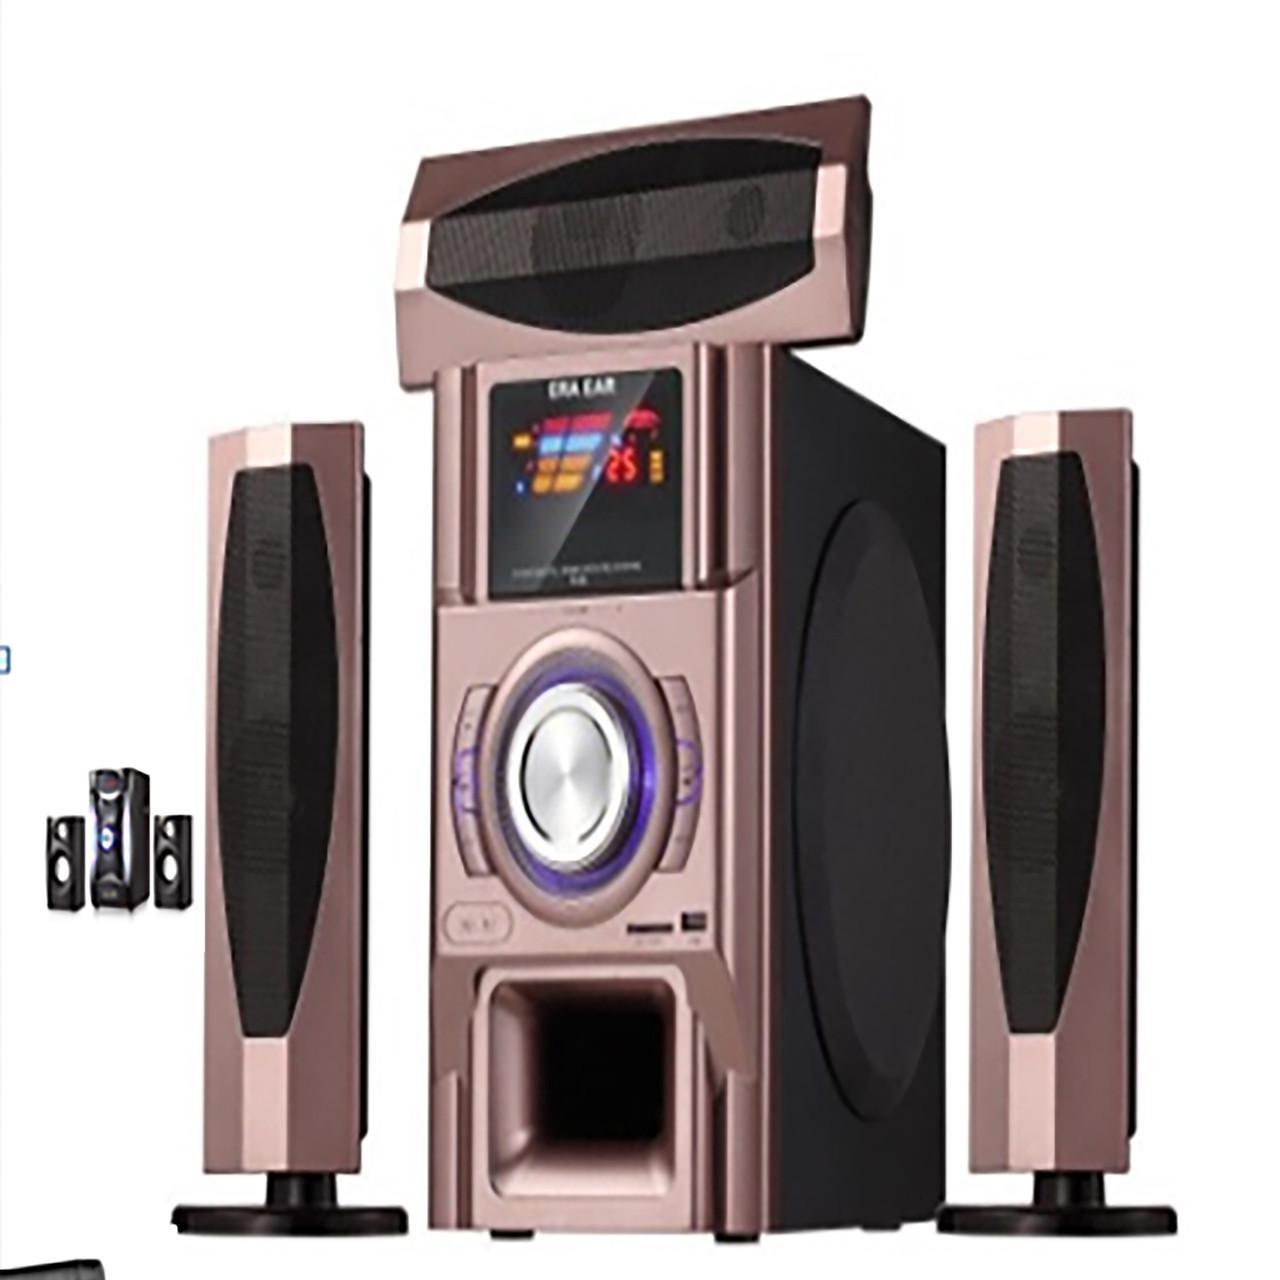 PA аудио система колонка E-53 | профессиональная акустическая мощная колонка | музыкальная колонка